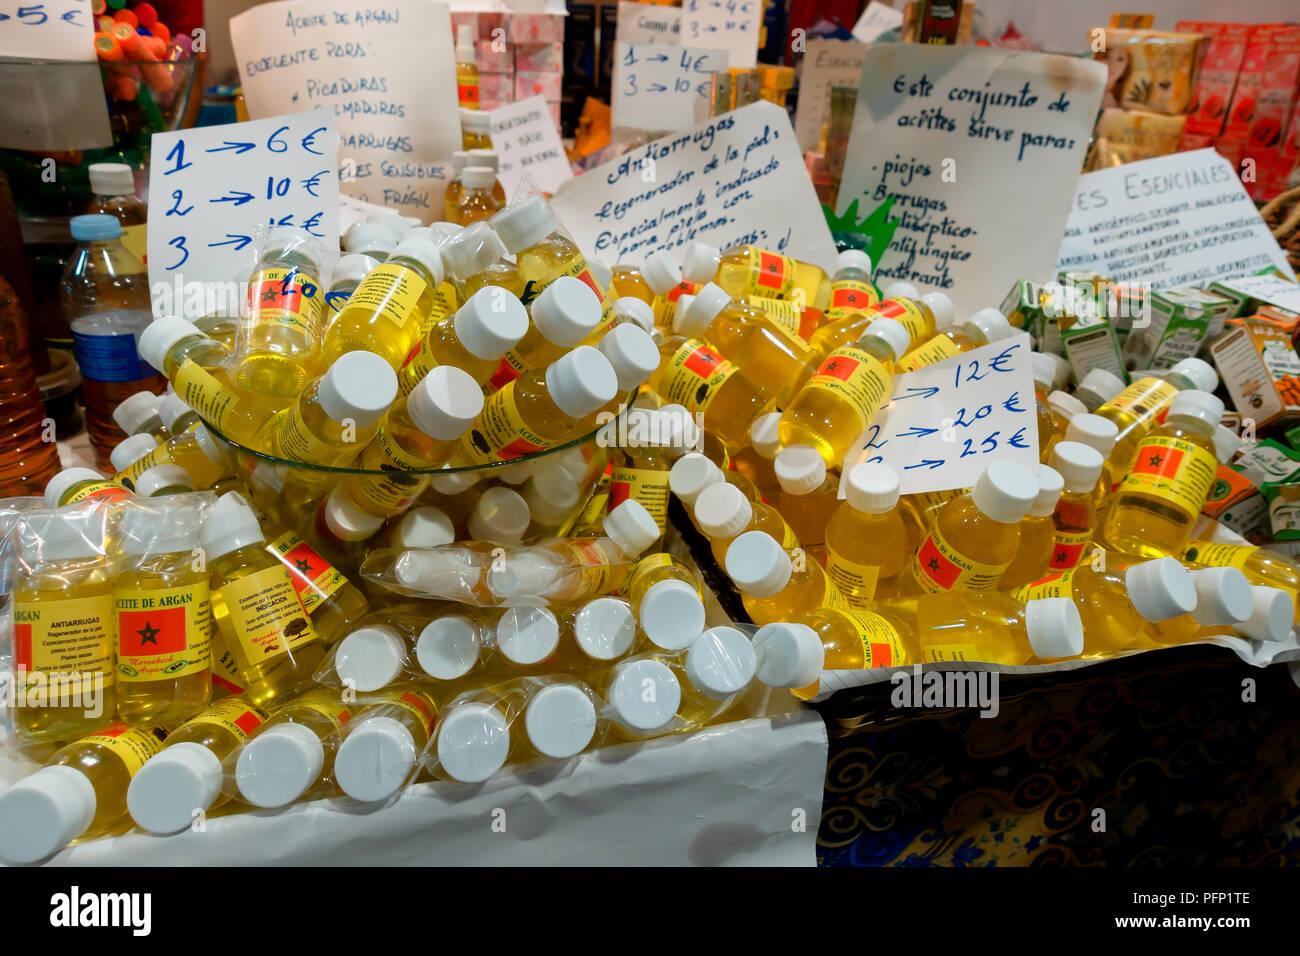 Un stand à l'huile d'Argan vente Gijon 2018 juste. 16 août, 2018. L'Espagne. La guérison d'antioxydant et de produit, et plus encore. Photo Stock